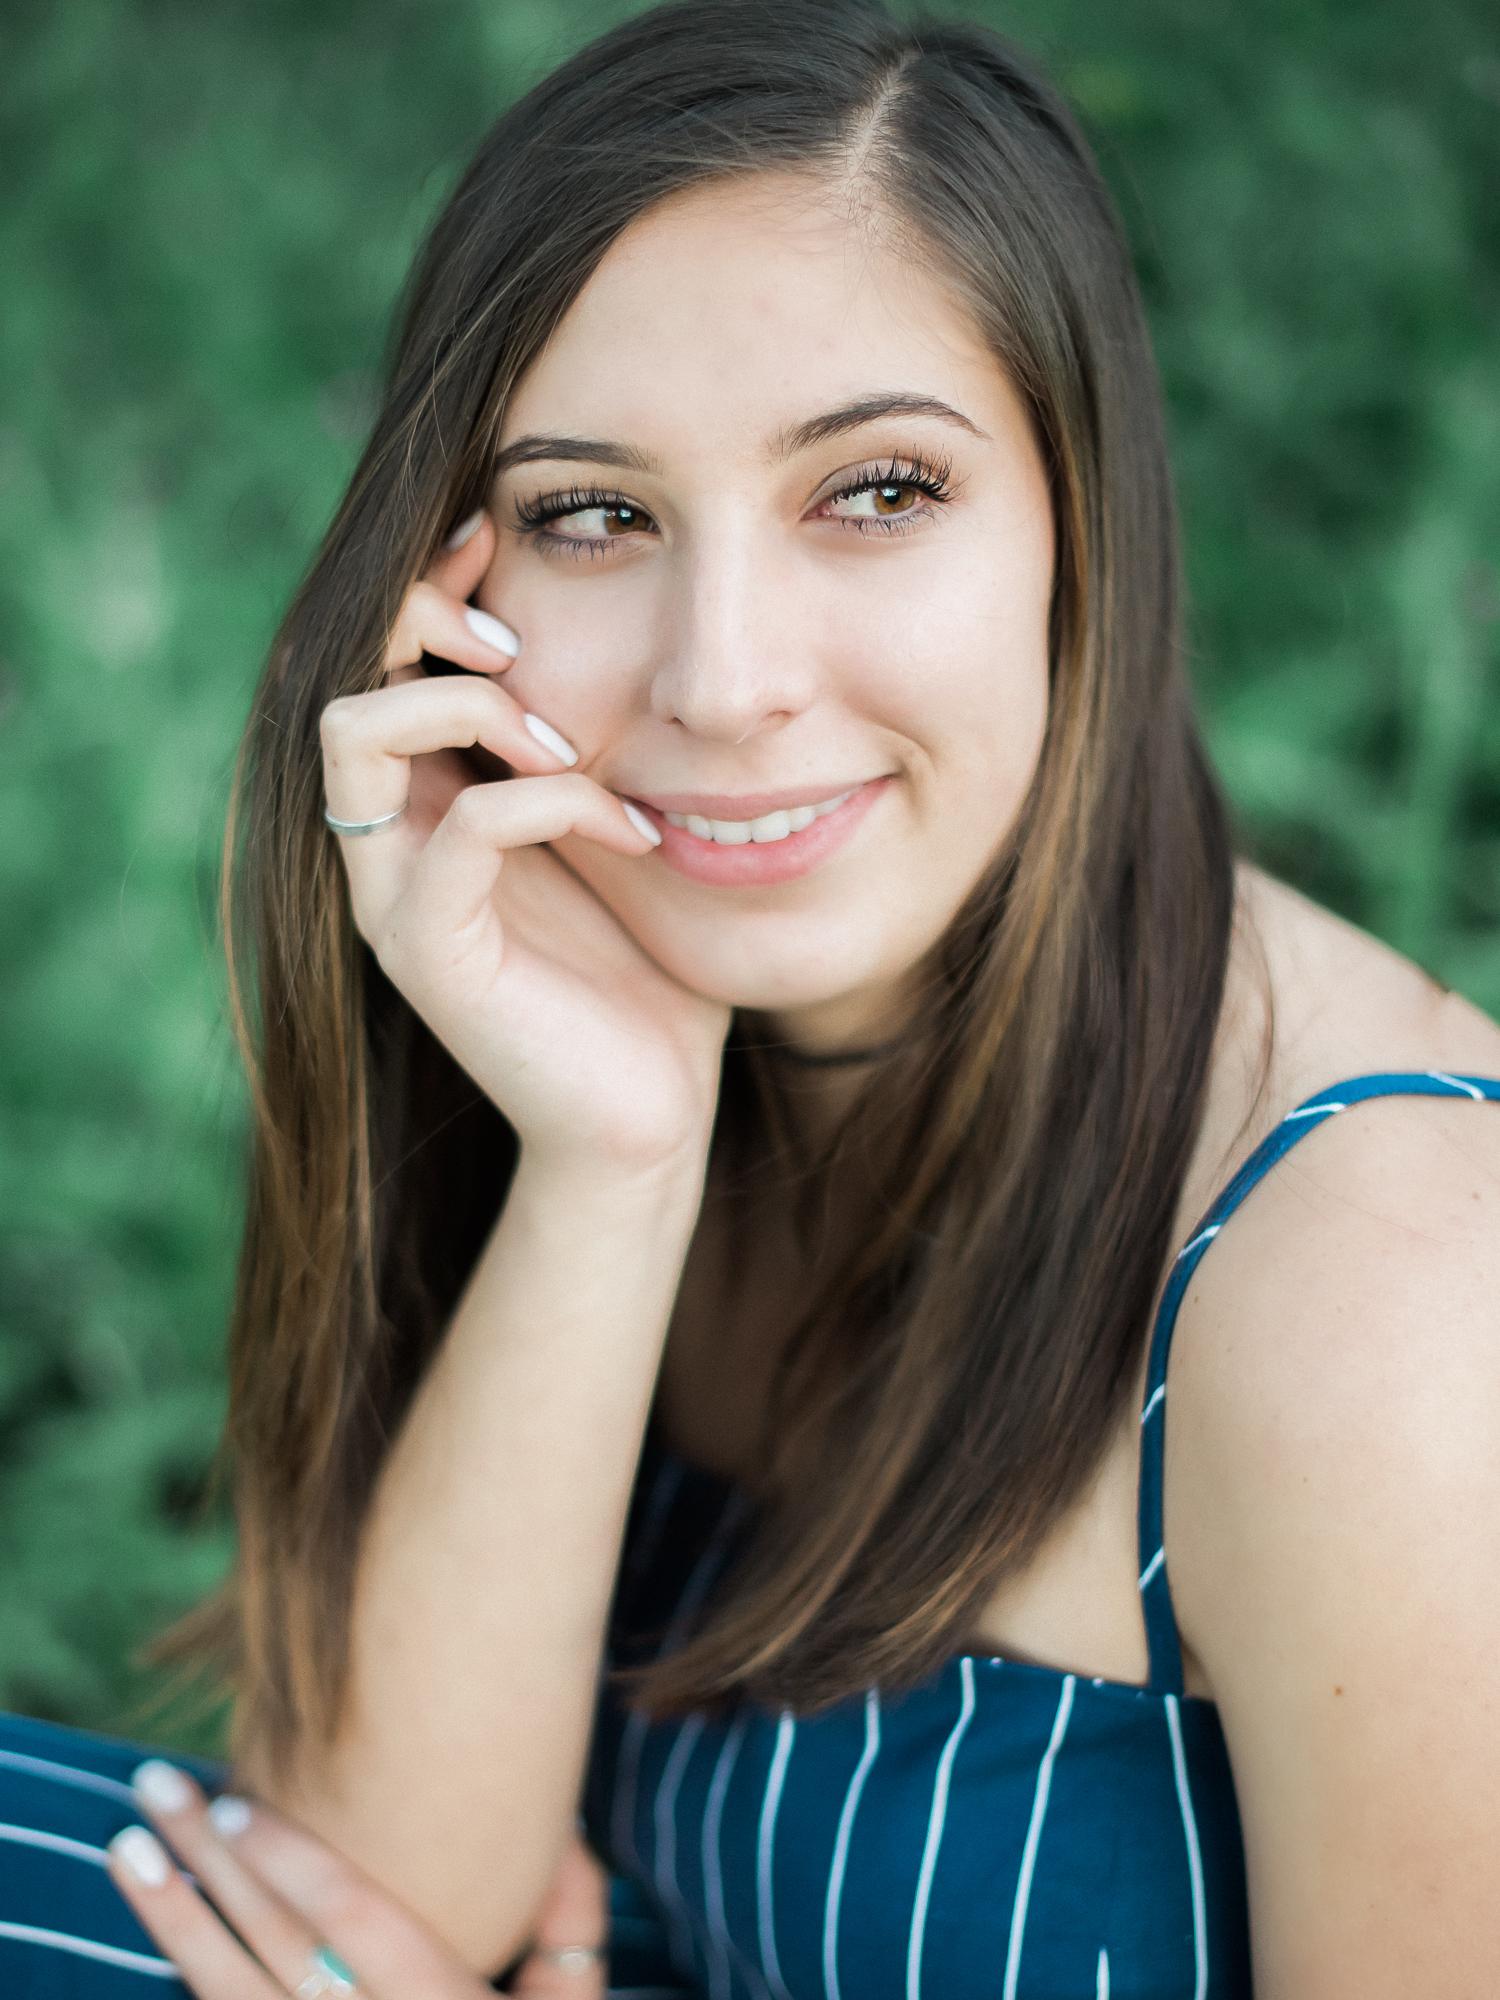 Gianna_HSseniot_spp-15.jpg